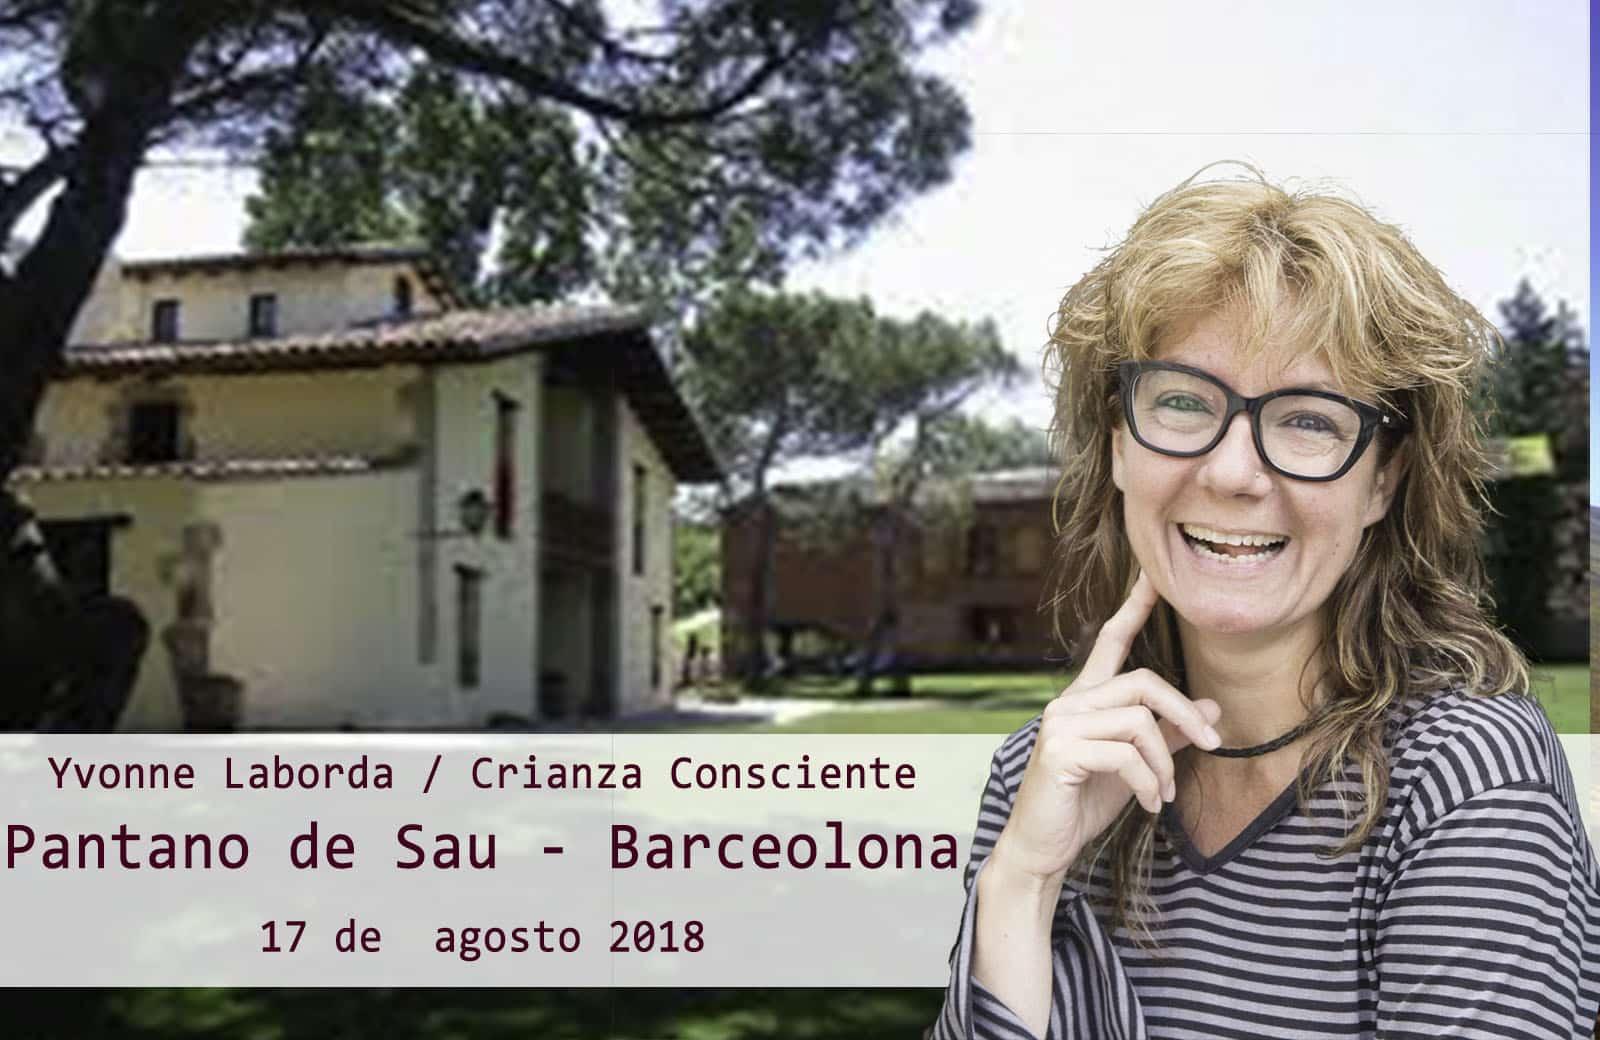 JUGATTOPIA - CRIANZA CONSCIENTE - agosto 2018 @ Pantano de Sau | Vilanova de Sau | Catalunya | España